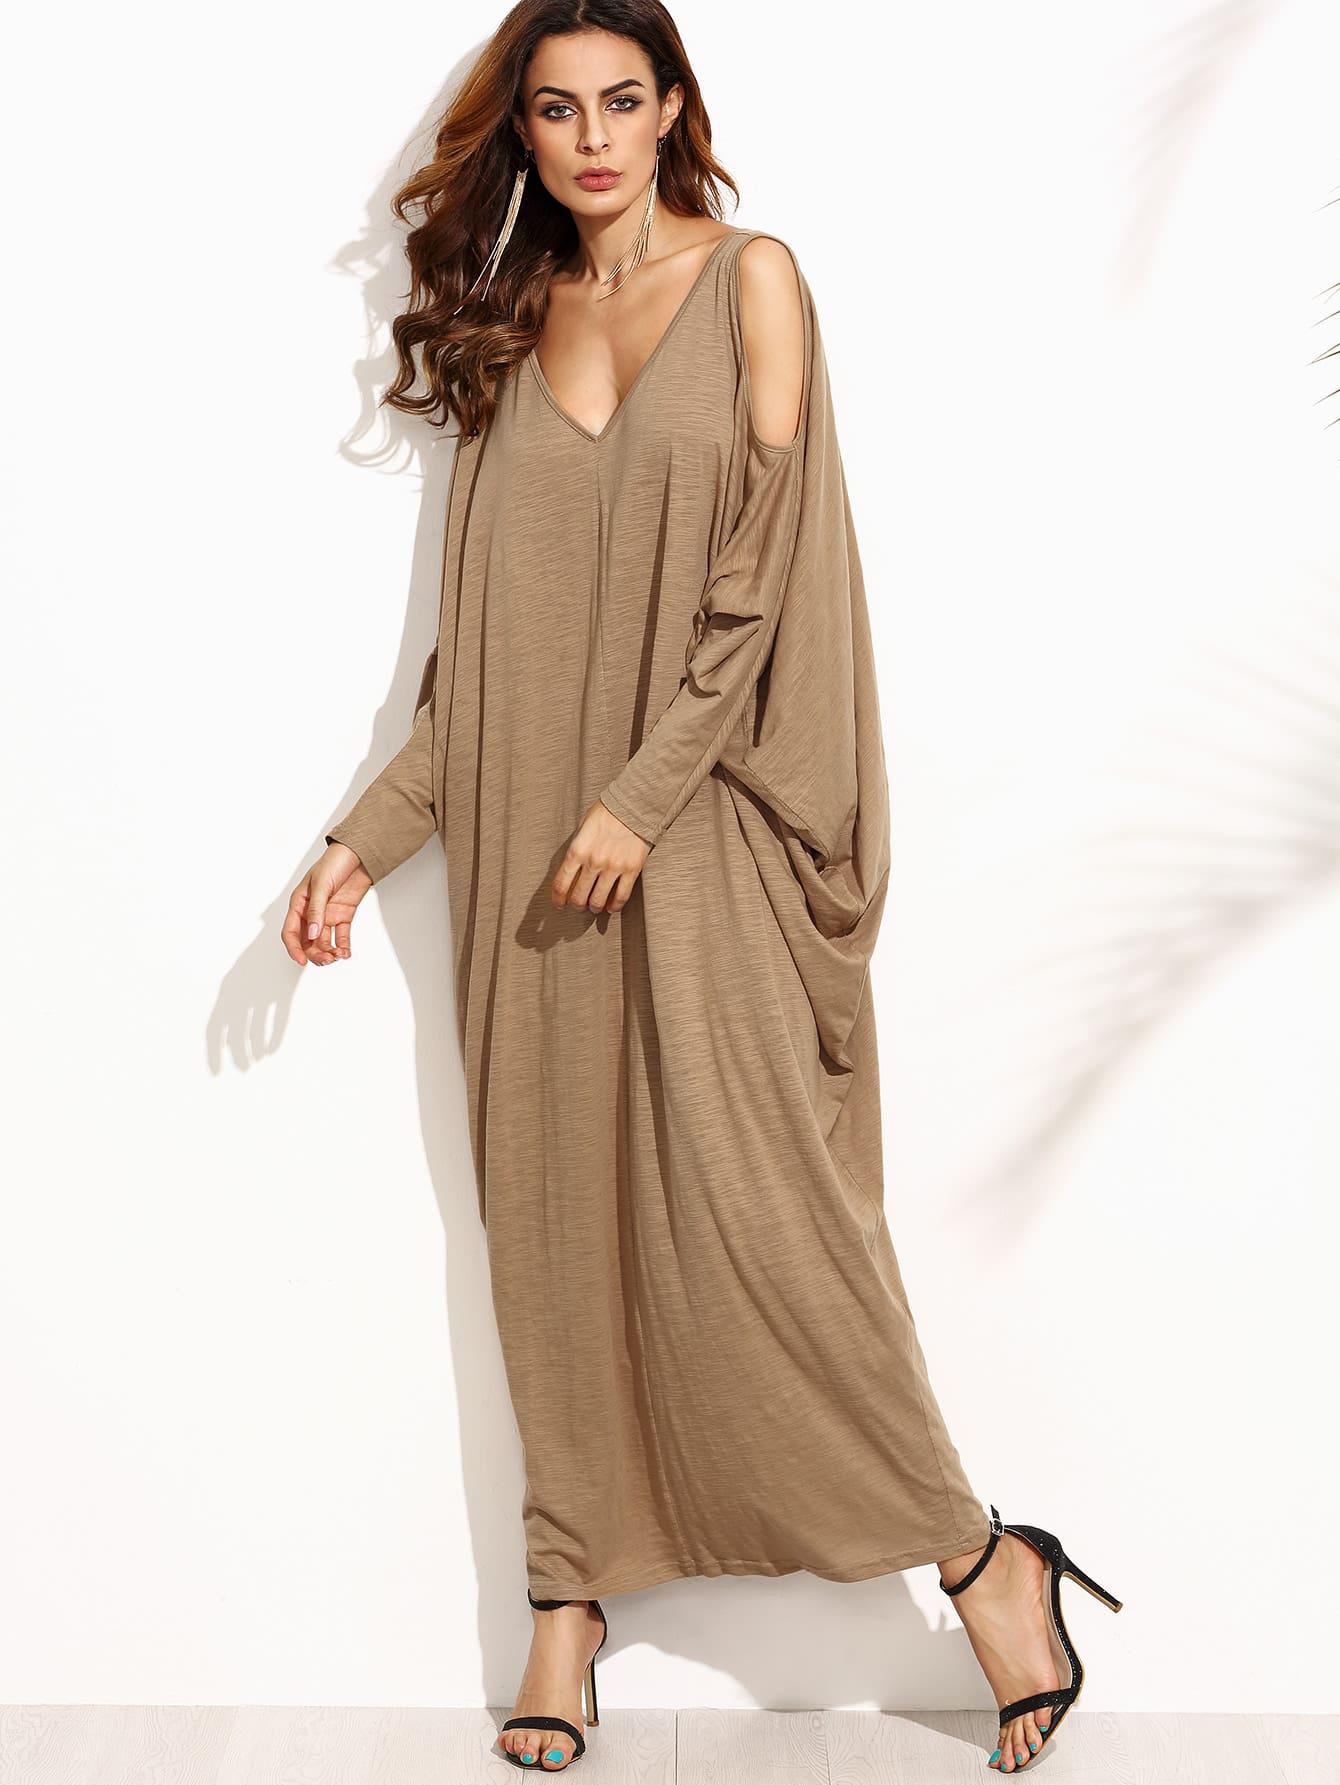 dress160822703_2